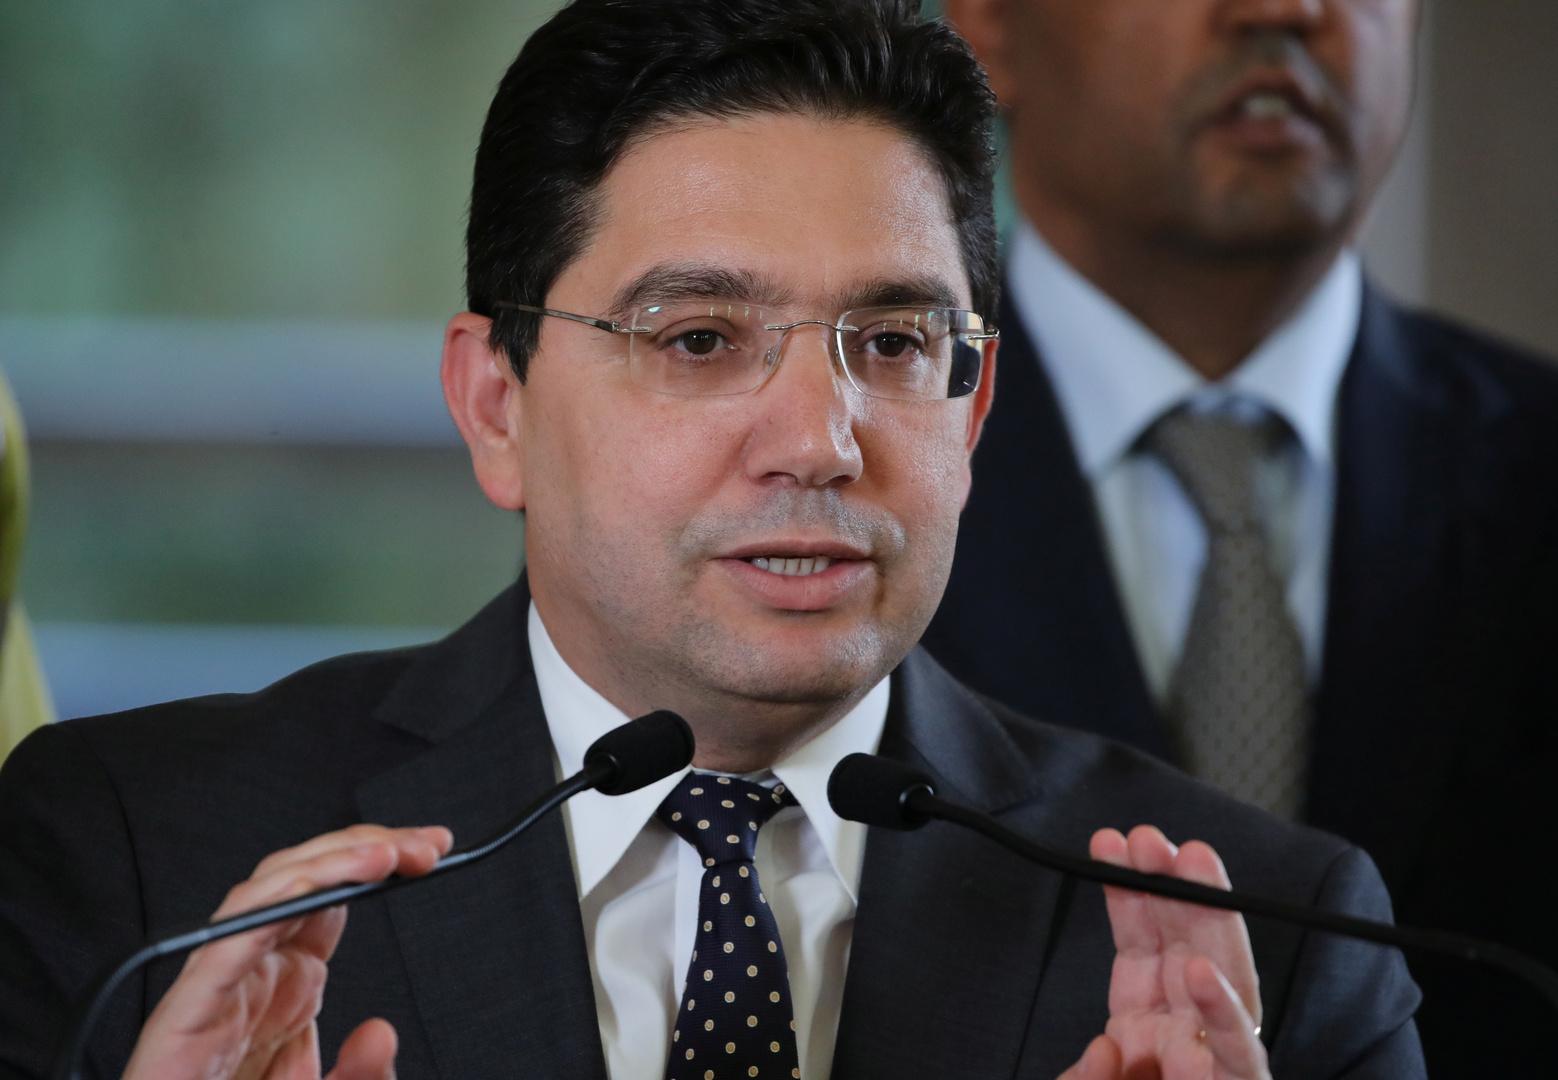 المغرب يعلق آليات التواصل مع السفارة الألمانية بالرباط بسبب